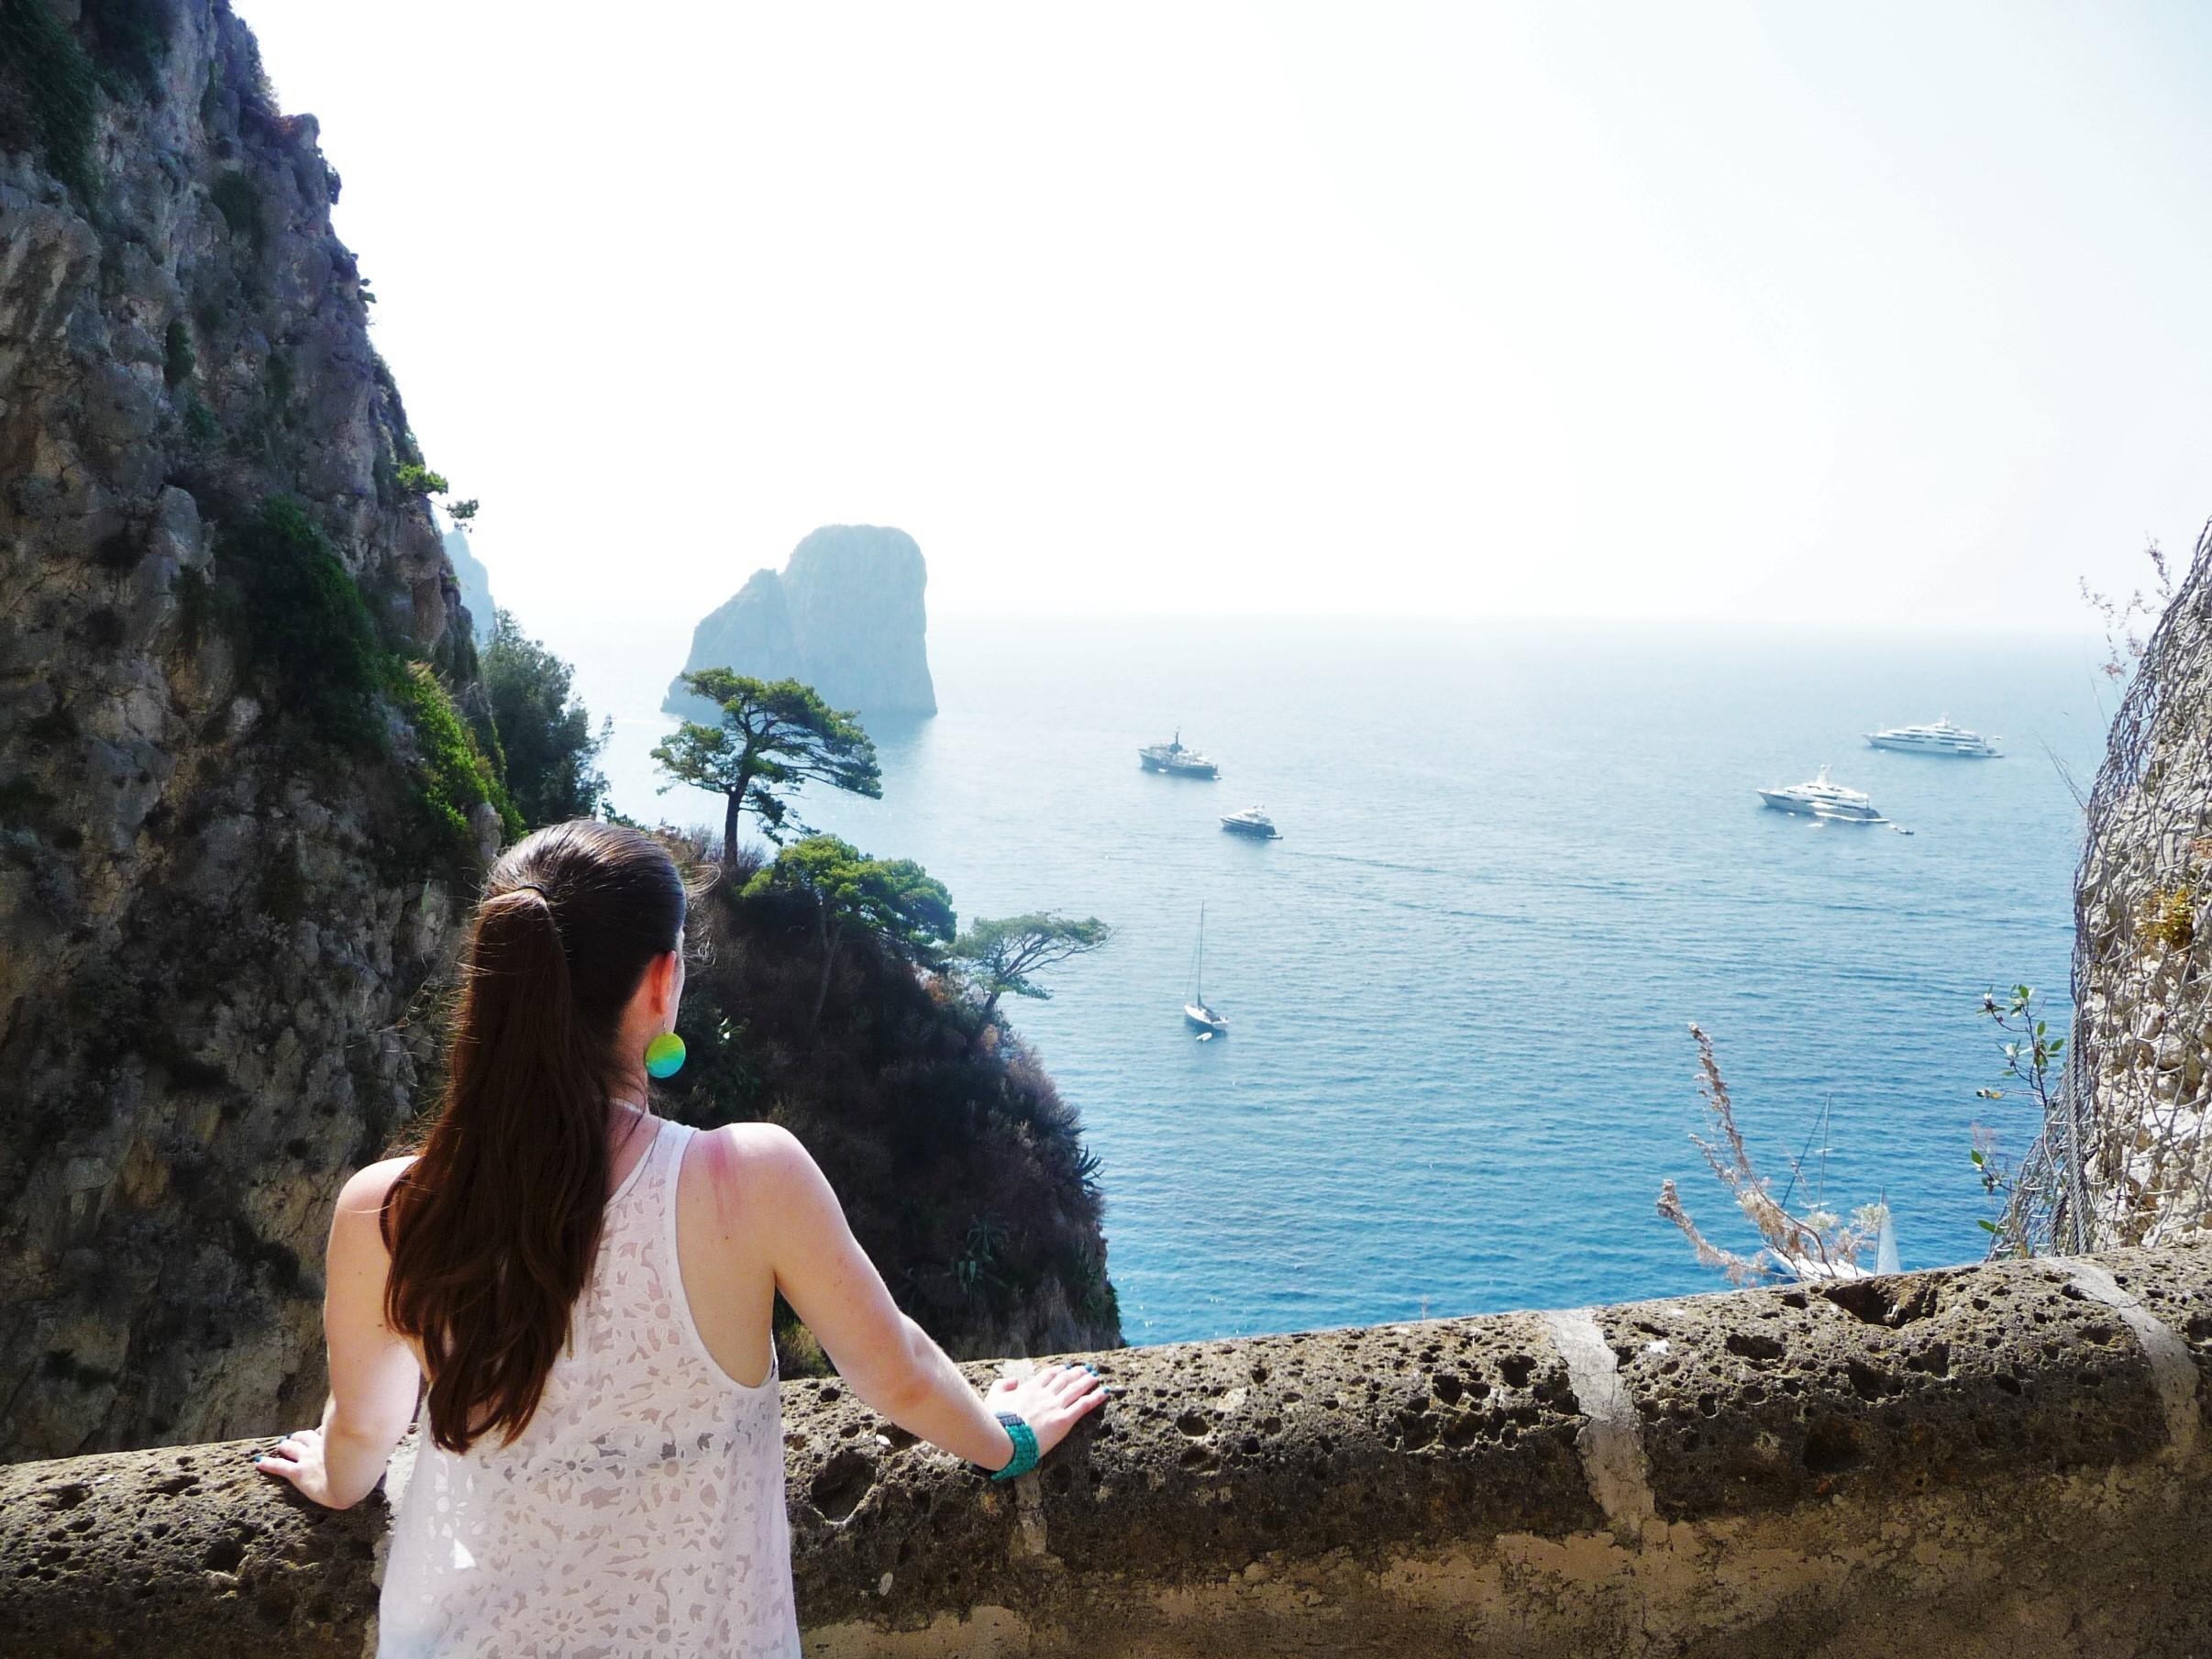 Voyage partir au soleil quand on a la peau claire 5 conseils les carnets de gee - Coup de soleil tache blanche ...